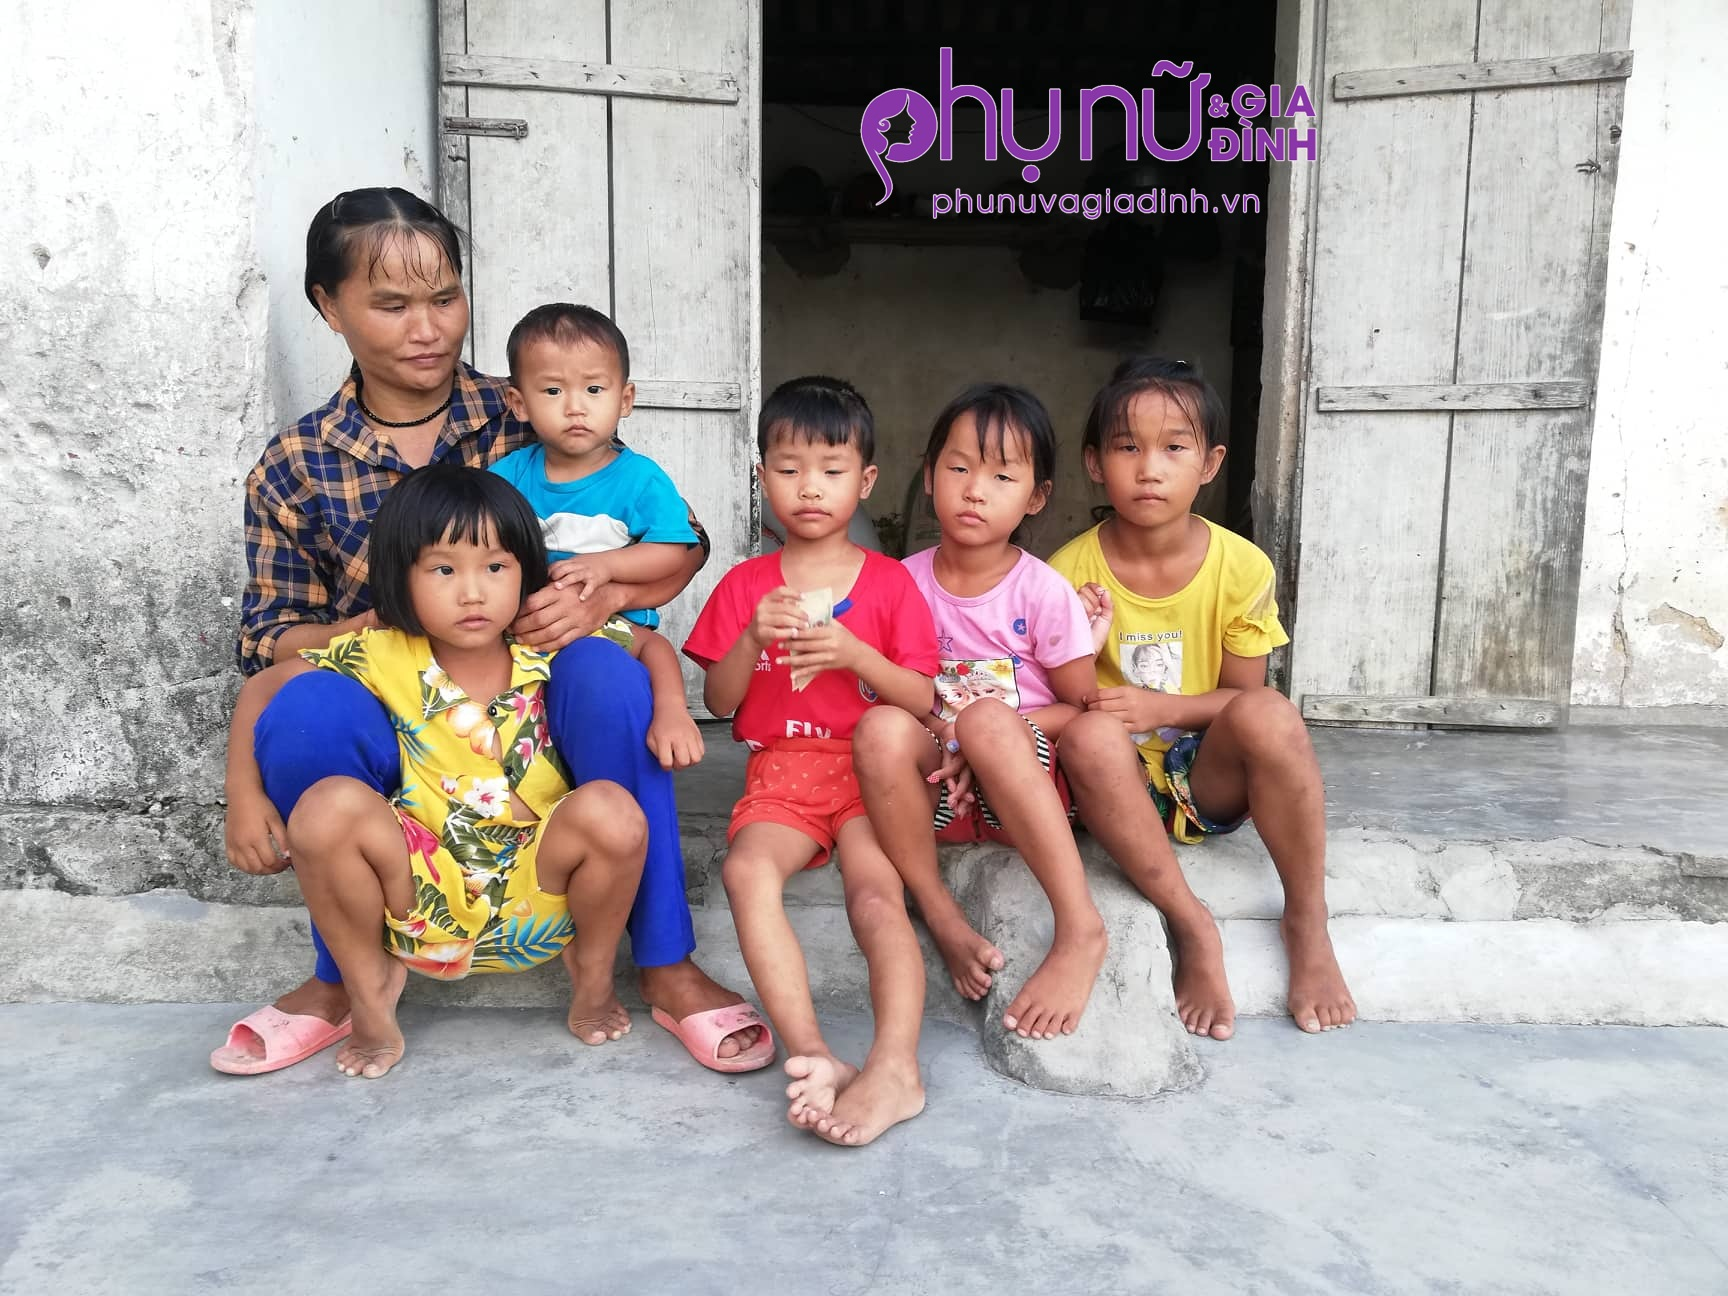 Không cha, mẹ bỏ đi biệt tích, bé gái 5 tuổi chưa được làm giấy khai sinh, chưa được đặt tên, tương lai mịt mù - Ảnh 4